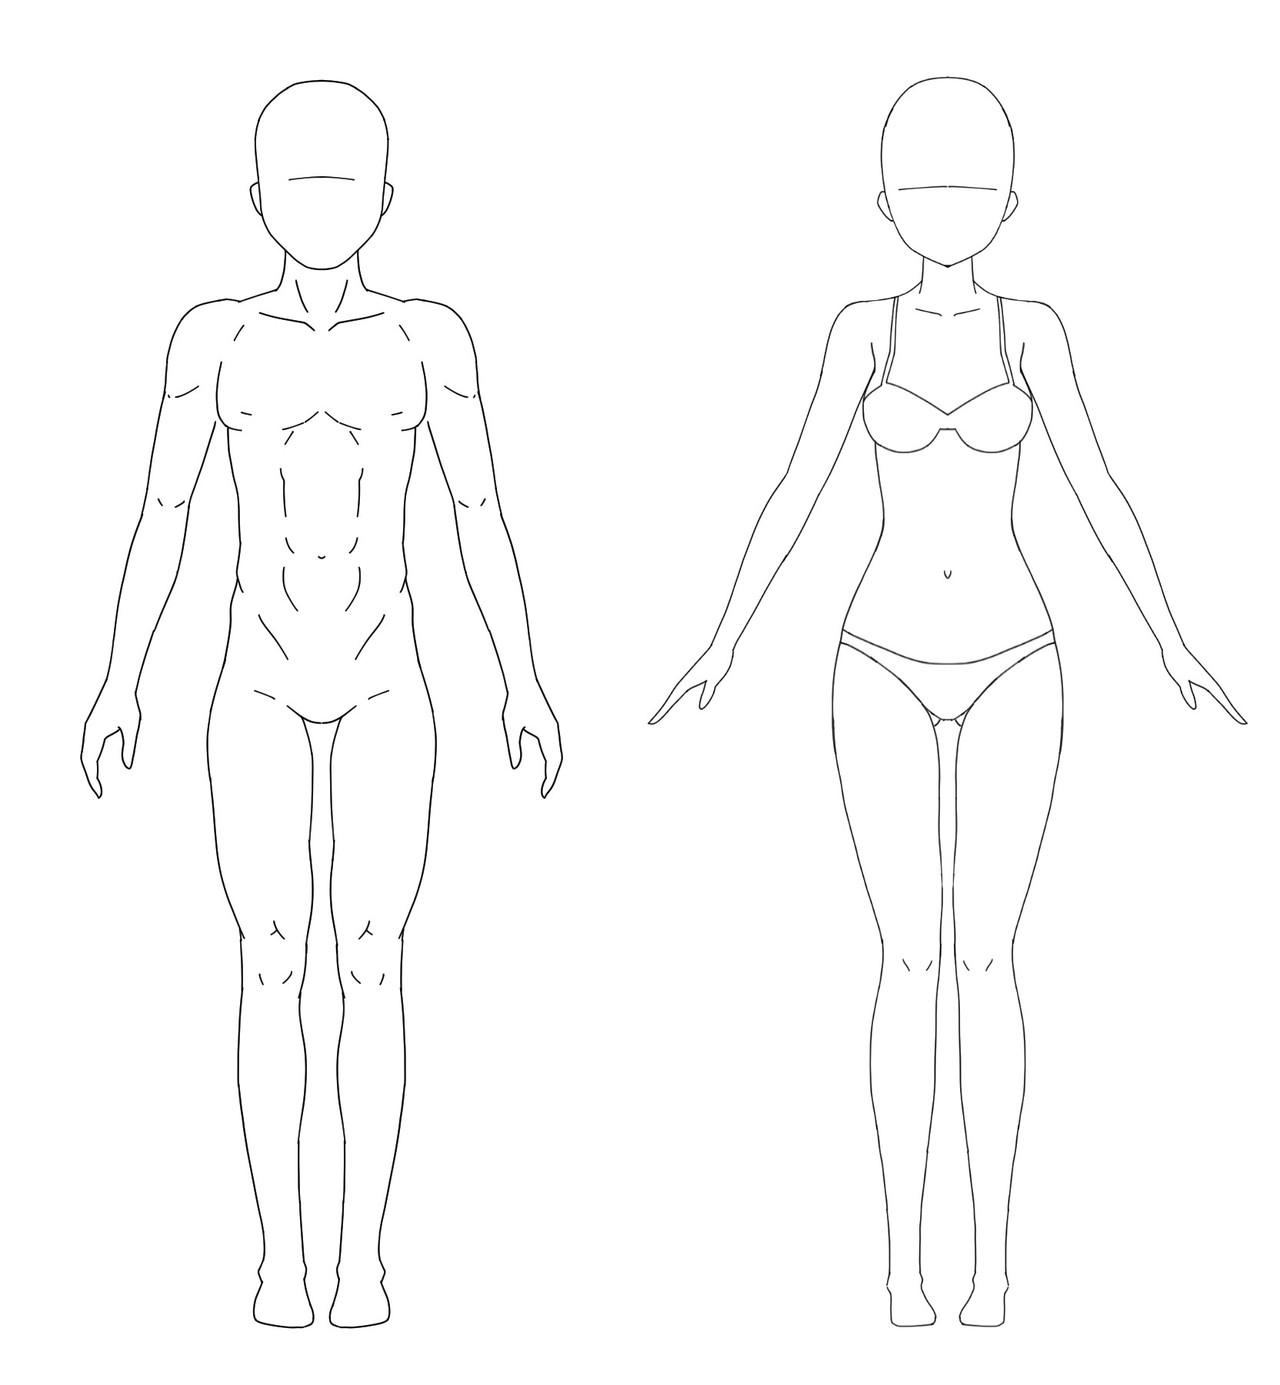 脂肪 お腹 女性 周り 落とす